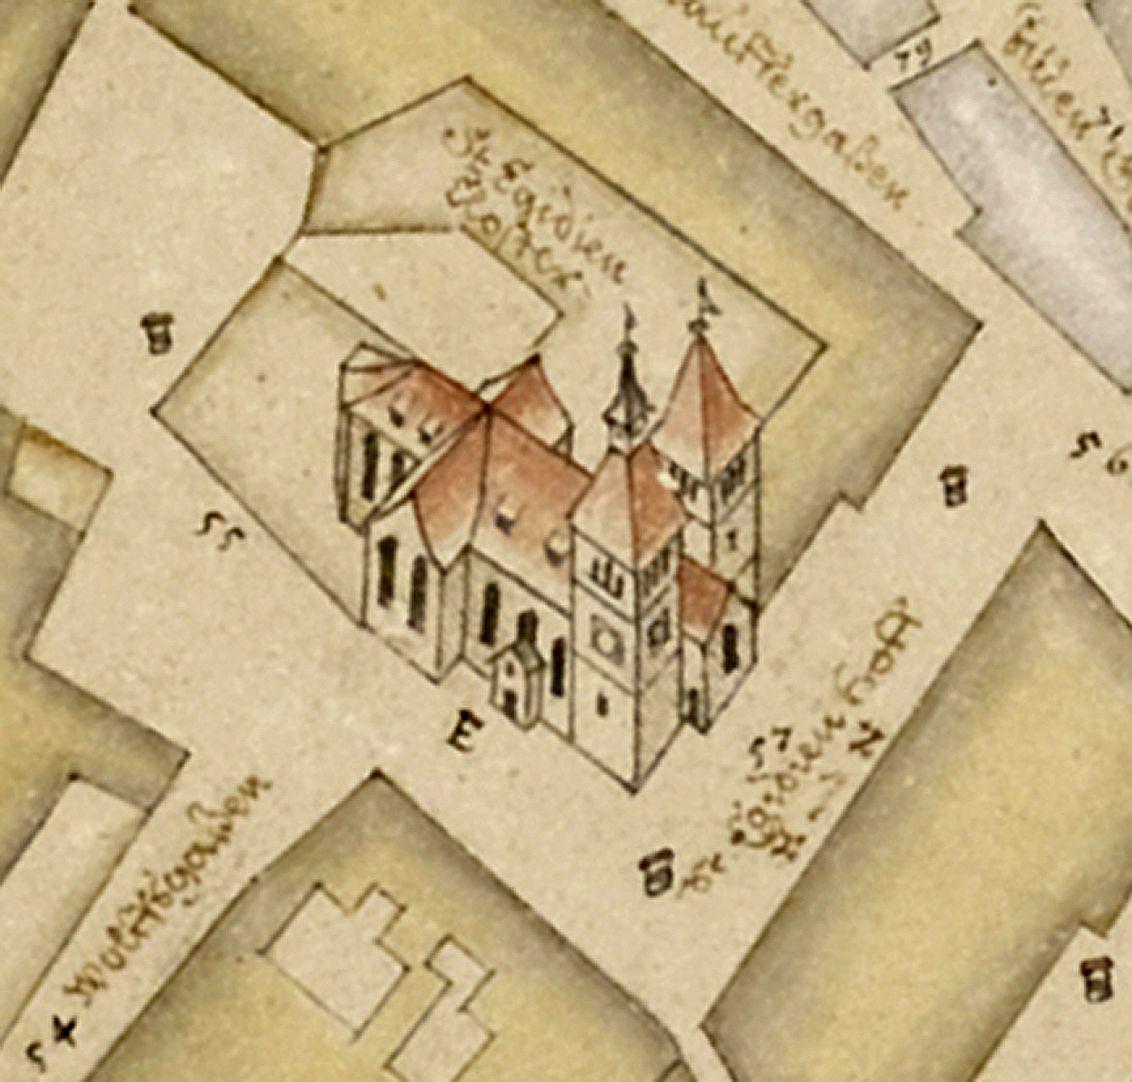 Prospekt aus der Vogelschau auf die Senkrechte gebrachtes Detail mit der romanischen Egidienkirche